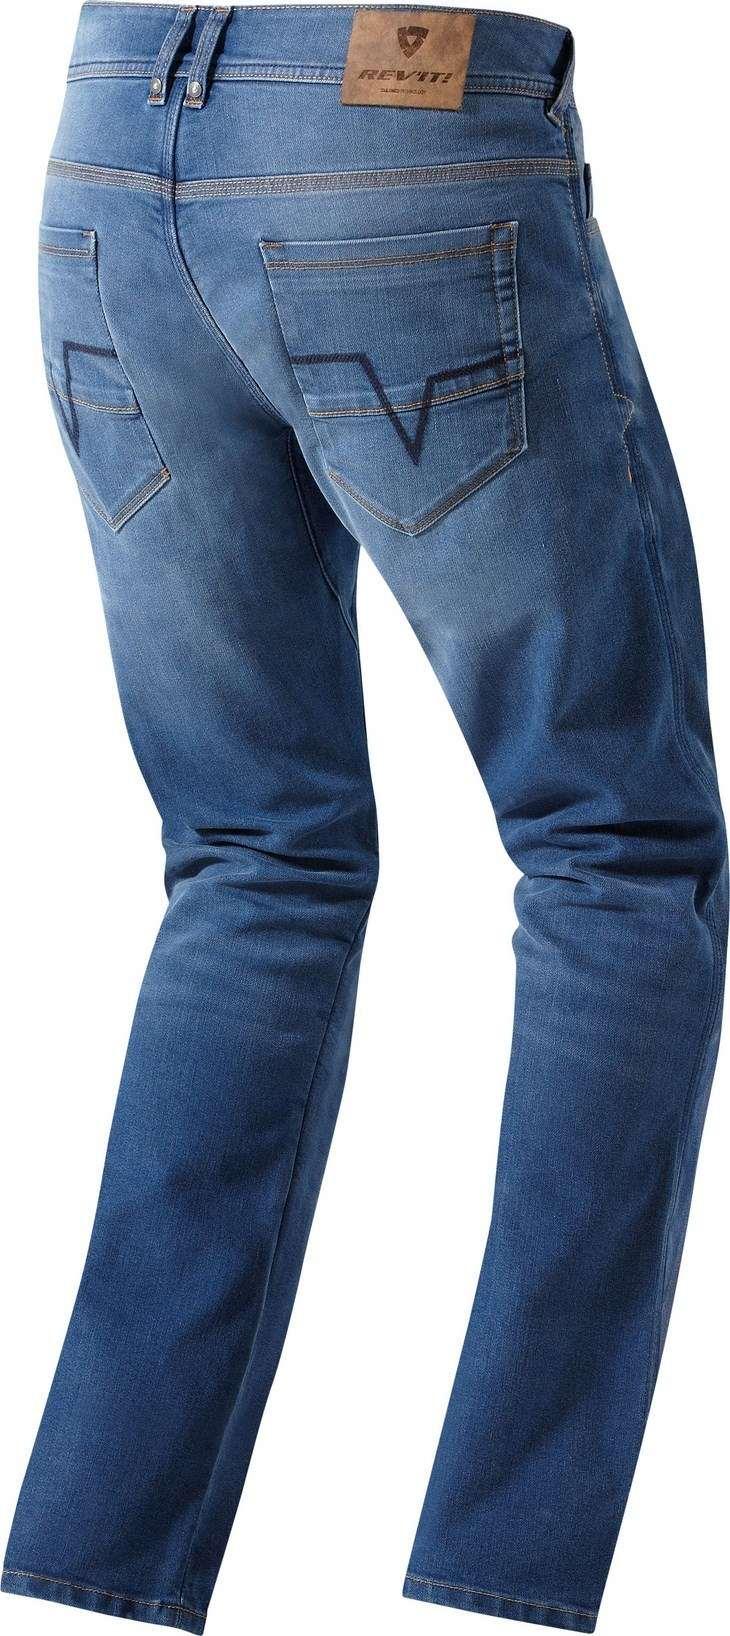 Jeans moto Rev'it Jersey Blu chiaro L36